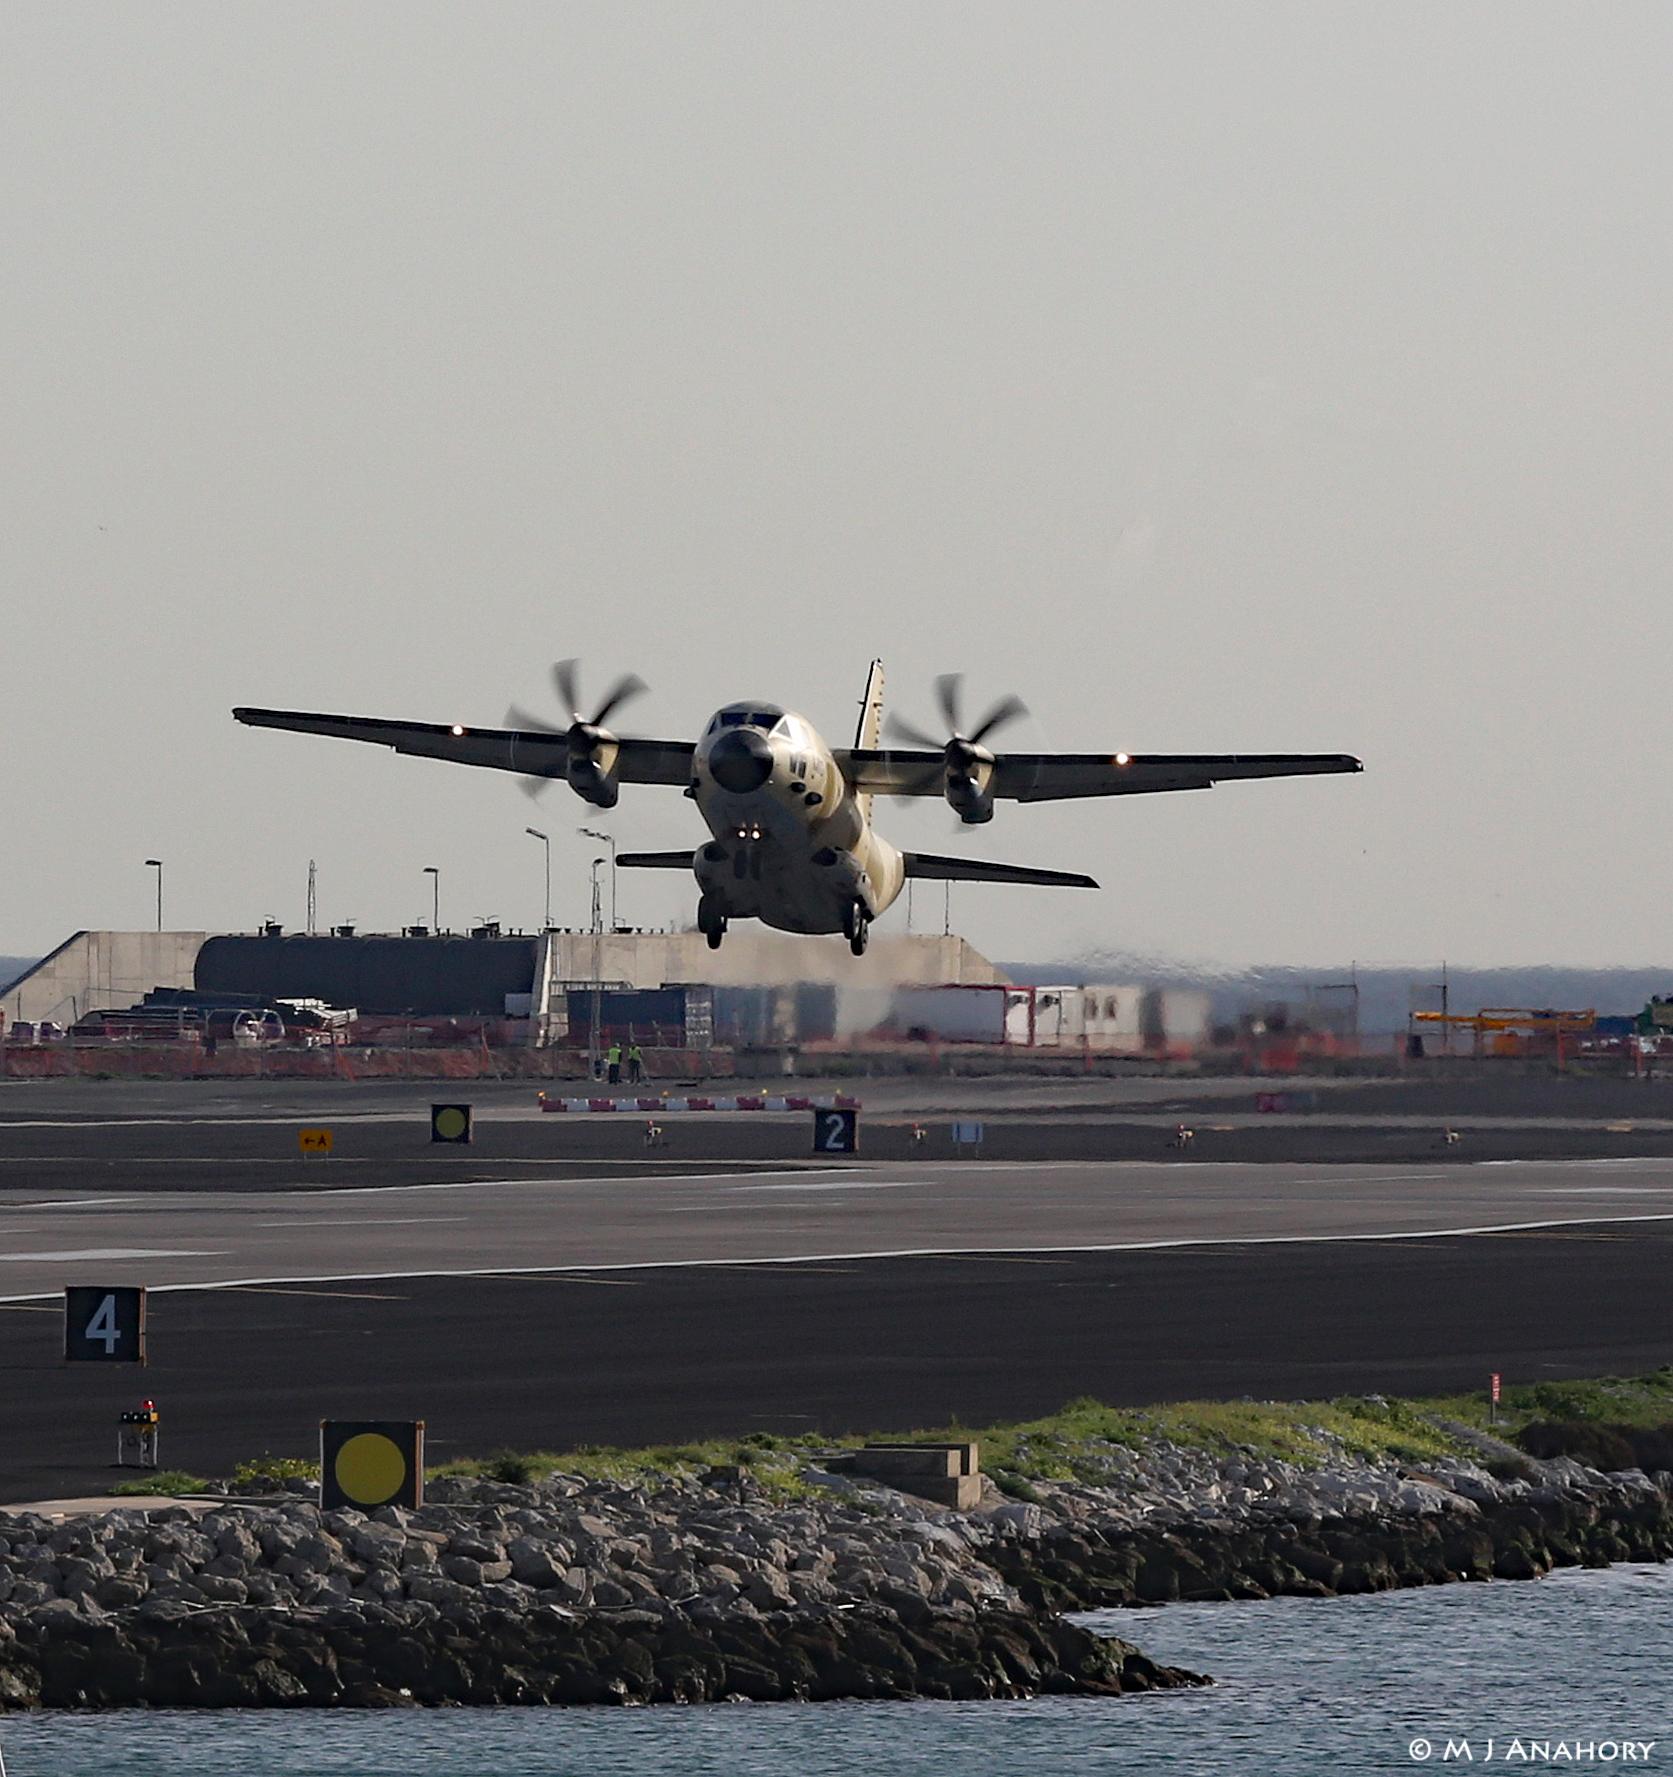 FRA: Photos d'avions de transport - Page 25 24953883476_7b00da6038_o